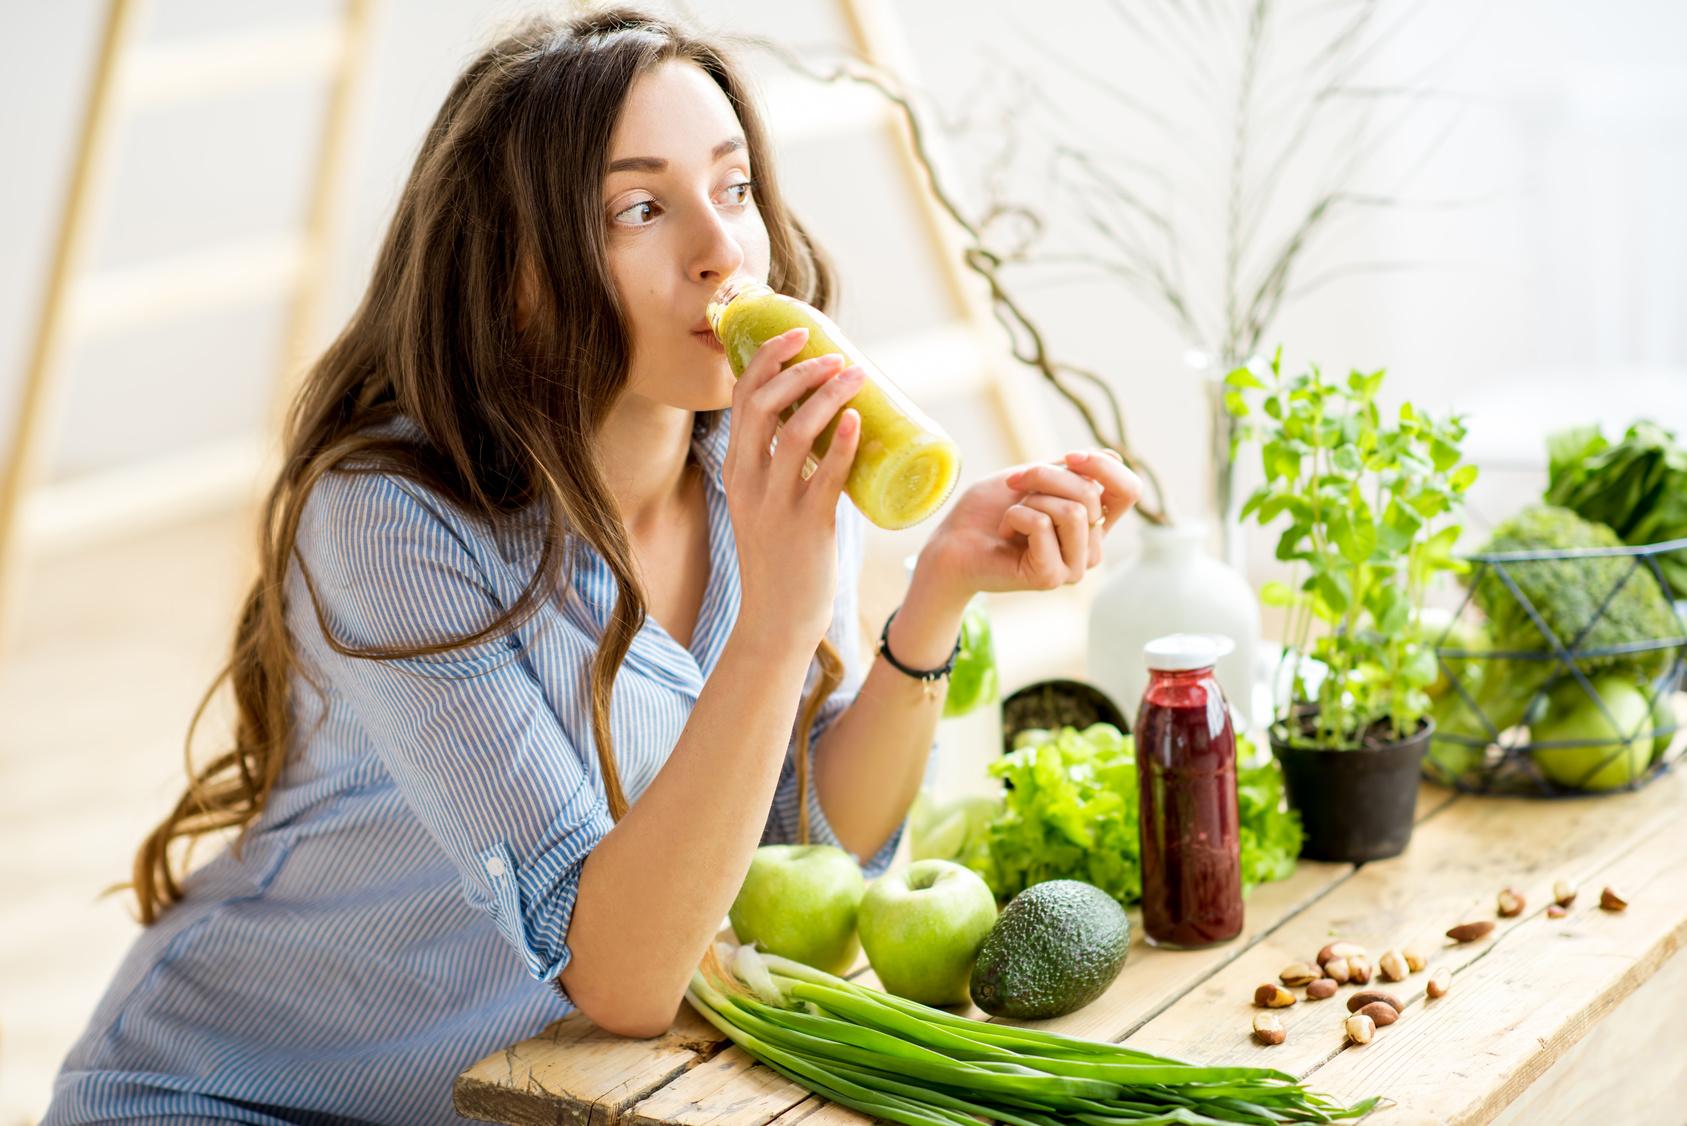 dieta bezglutenowa plodnadieta